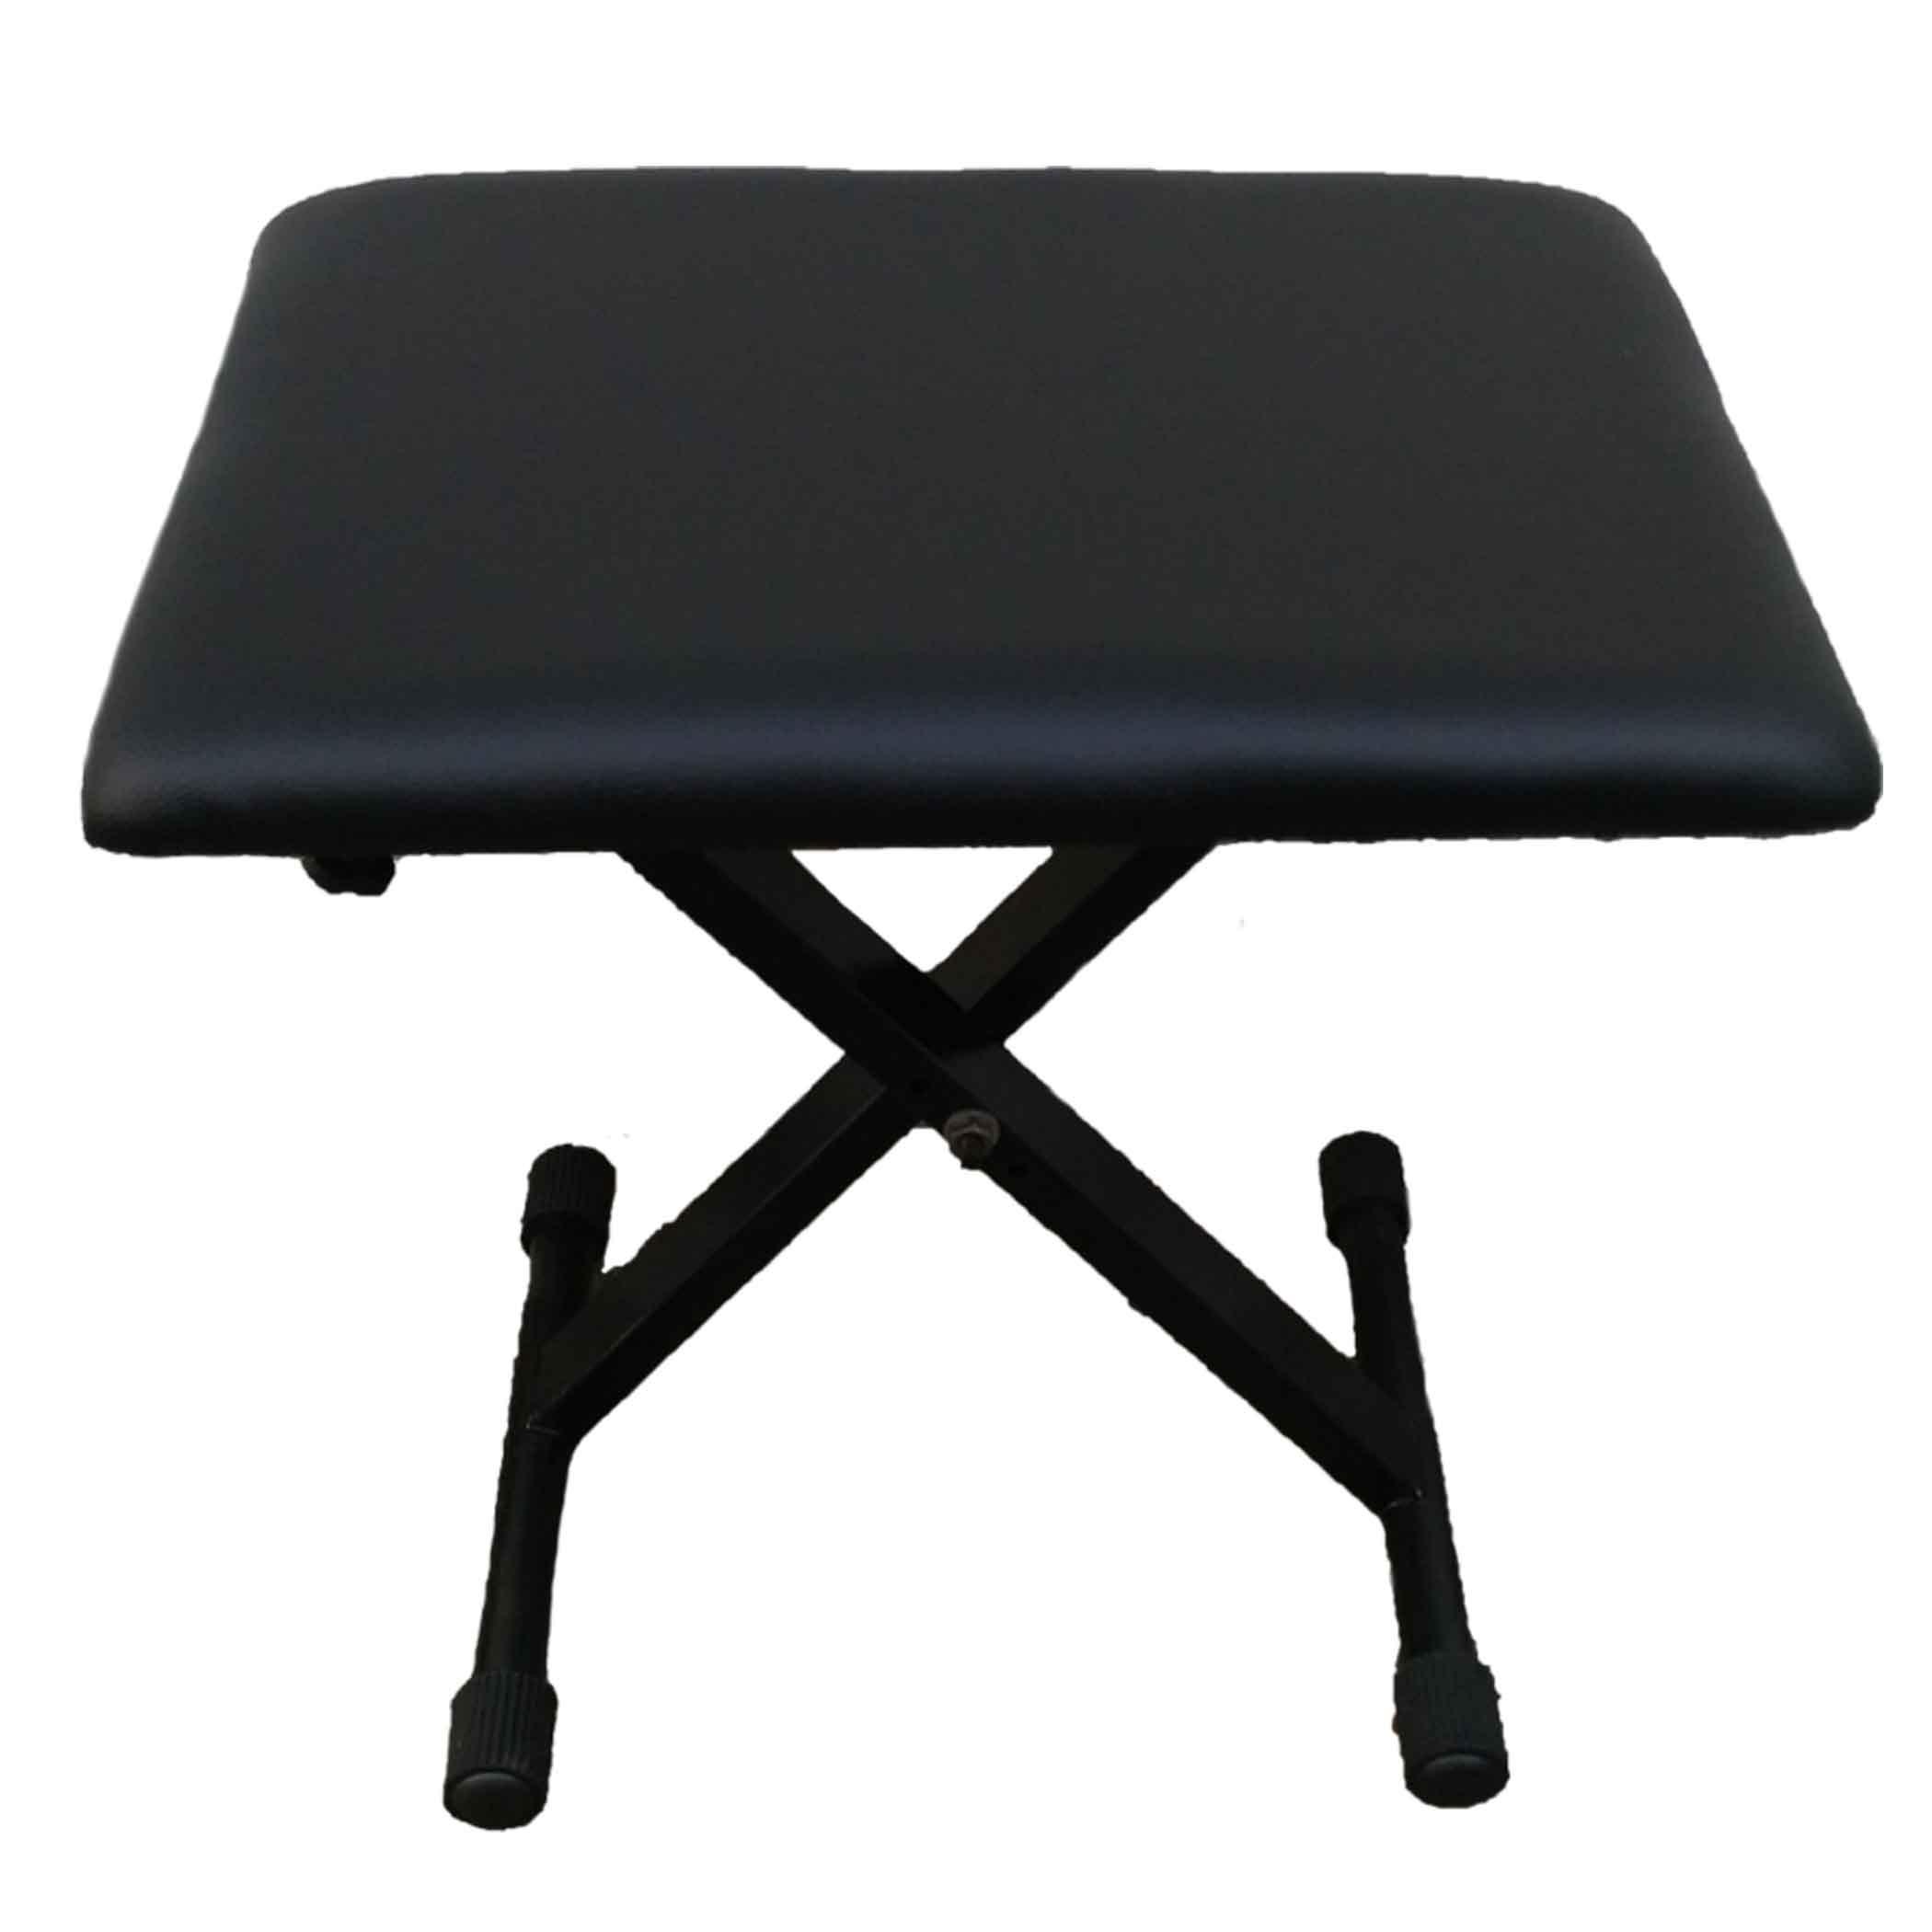 เก้าอี้เปียโน piano bench ยี่ห้อ siservier ผลิตจากเหล็ก อายุการใช้งานยาว เบาะเหลี่ยม นุ่ม ปรับสูงต่ำ